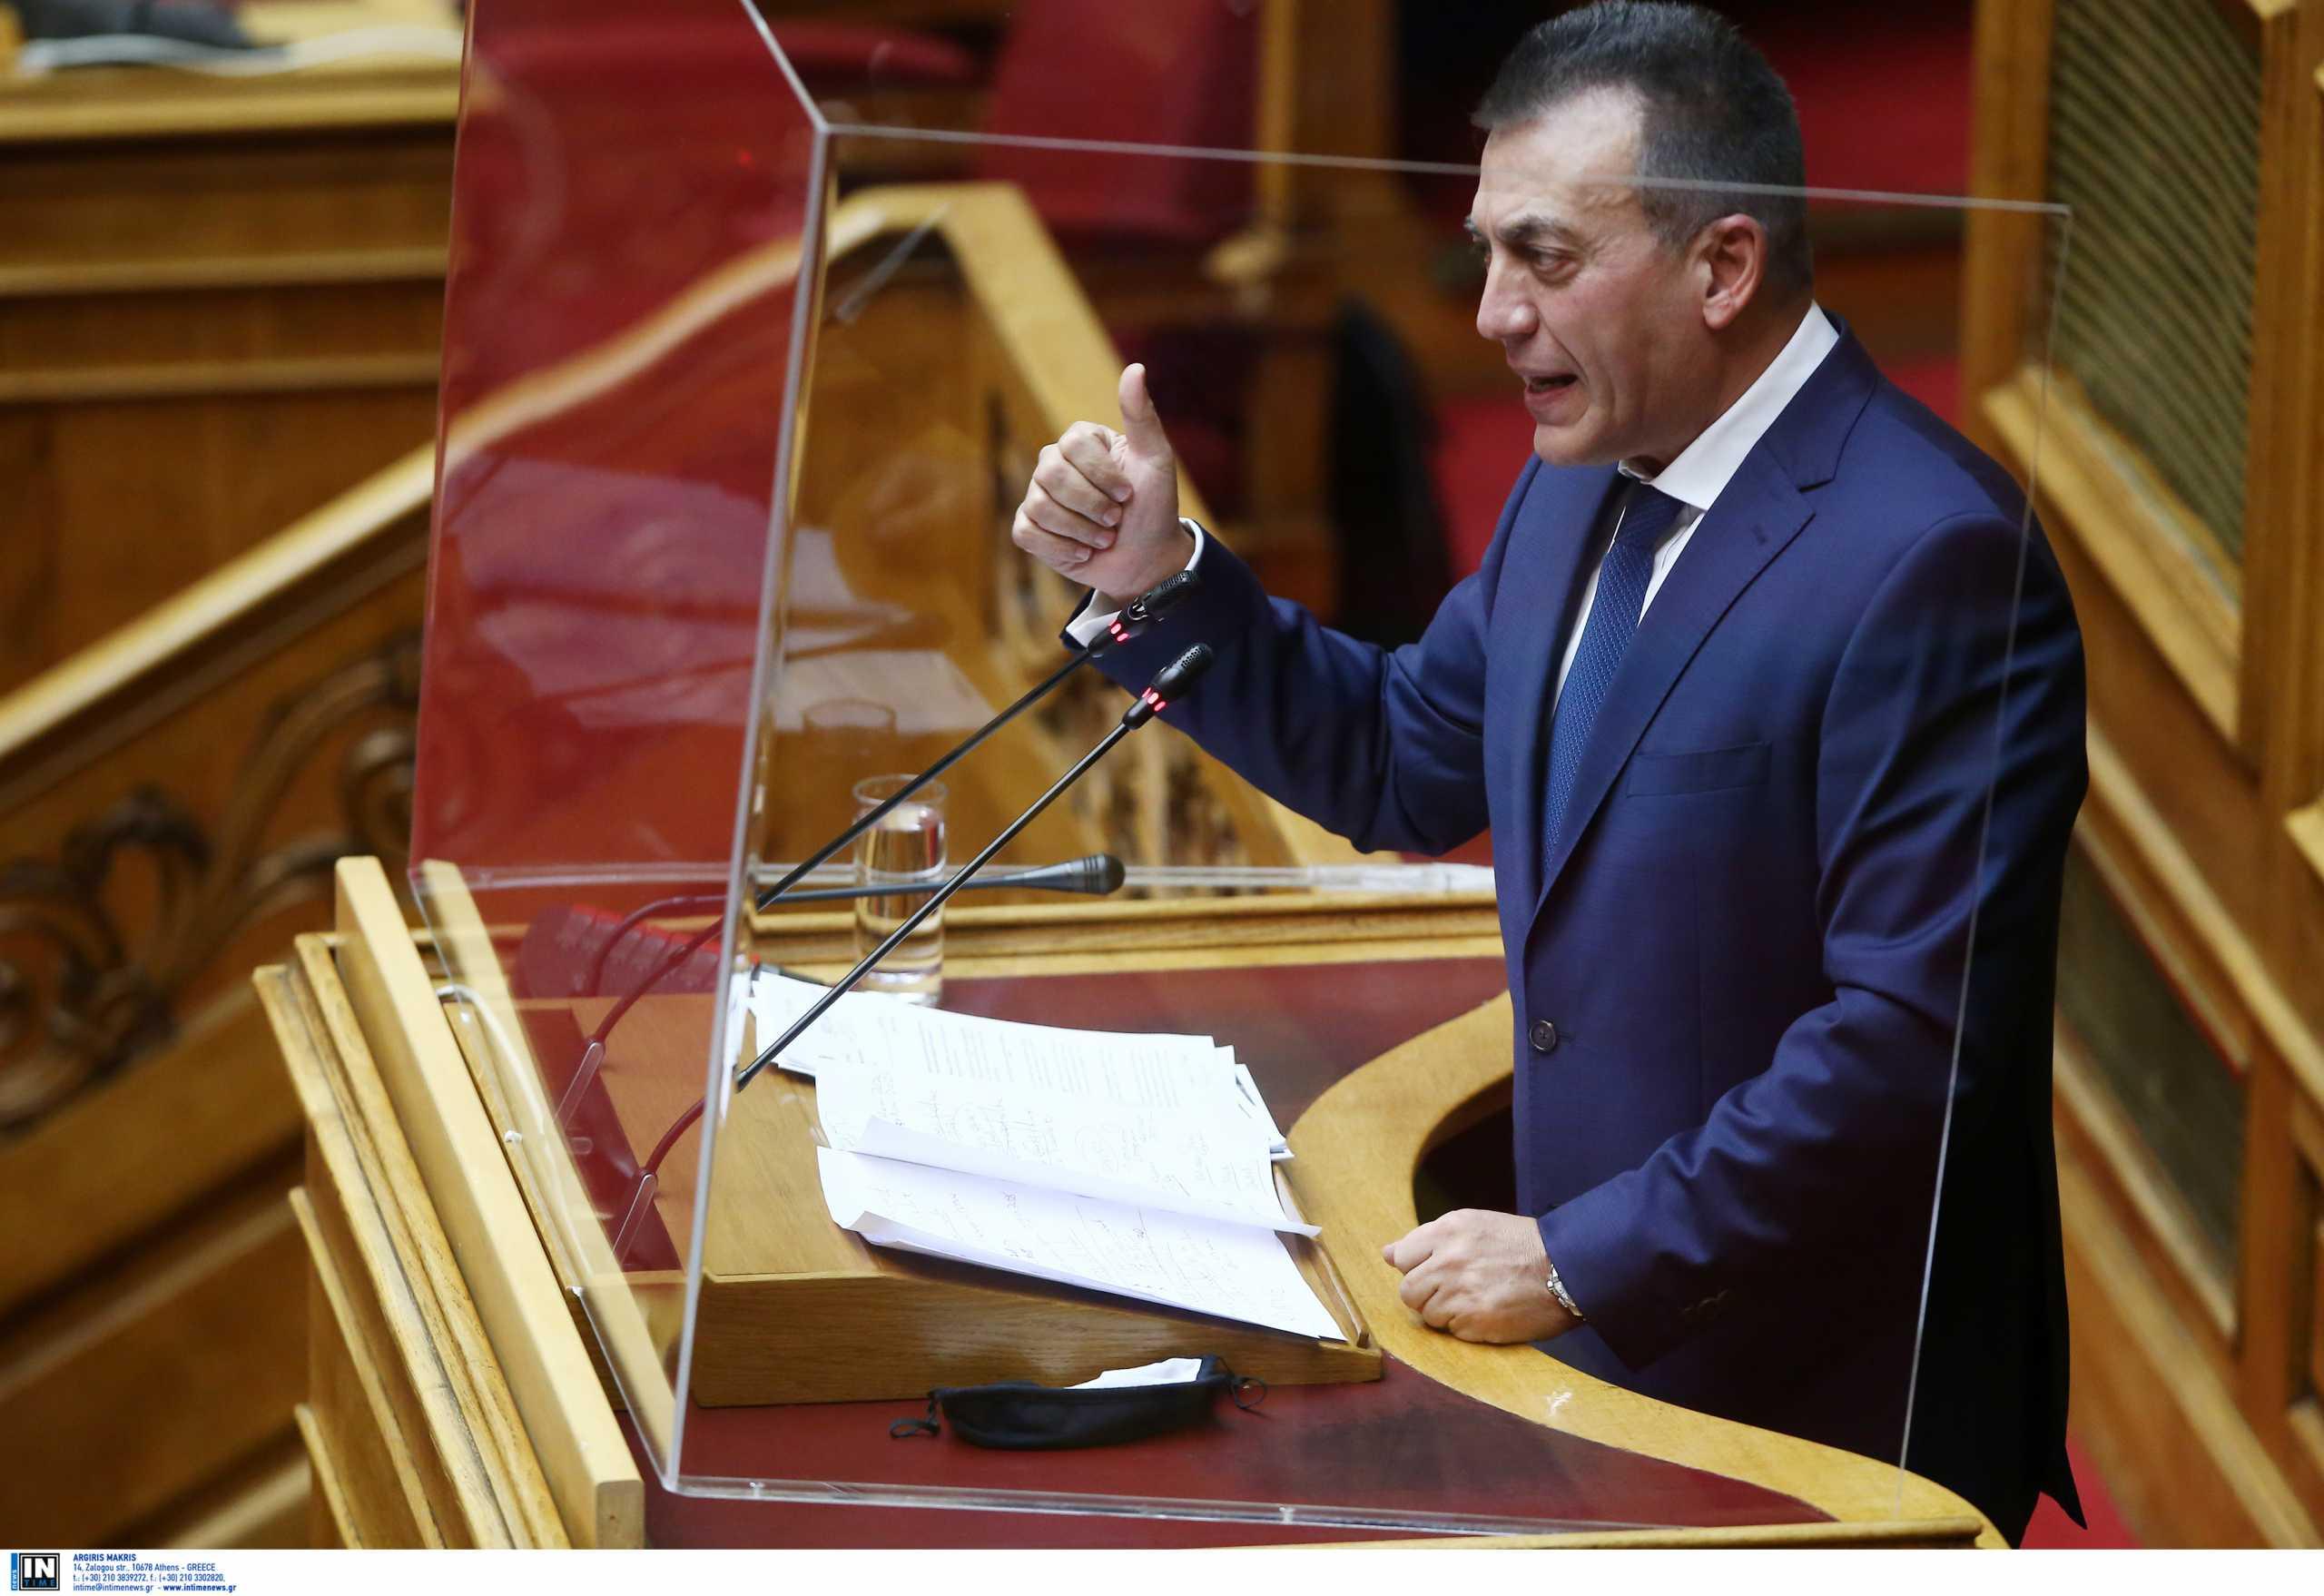 Προϋπολογισμός 2021: «Η Ελλάδα θα είναι το αναπτυξιακό παράδειγμα της Ευρώπης»